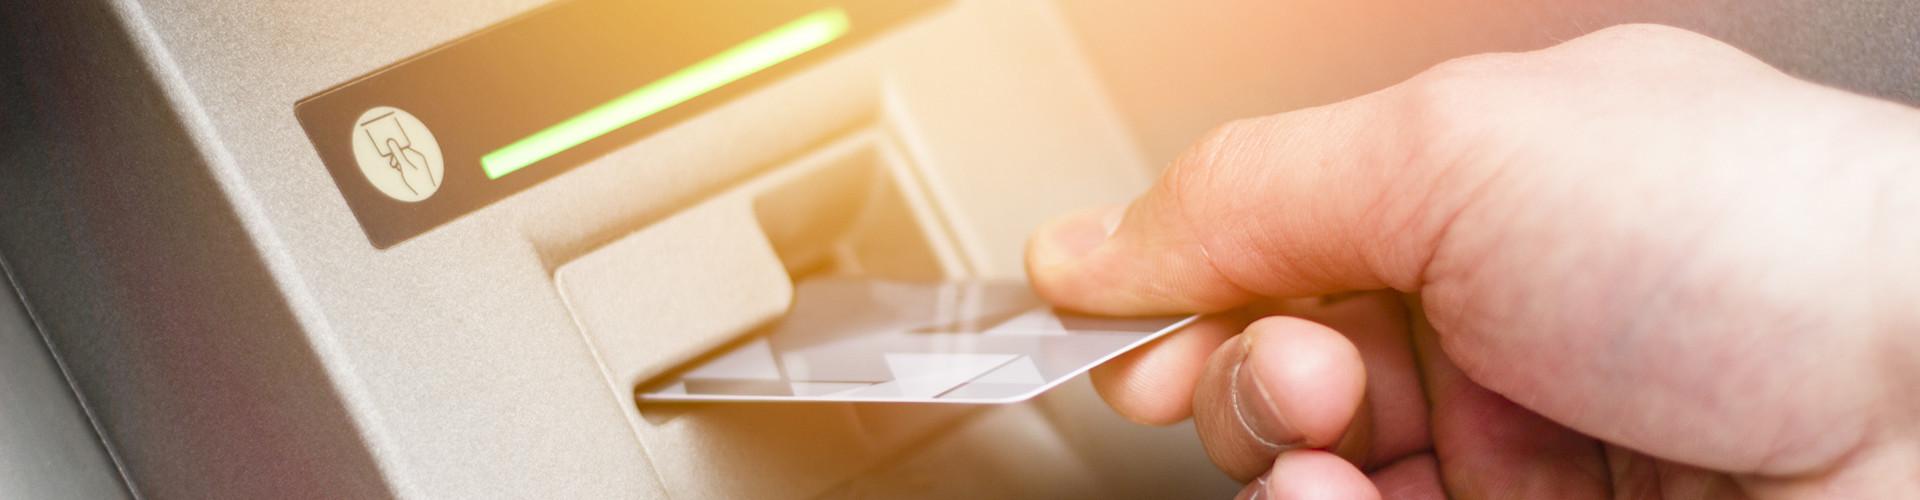 Man sieht die Hand eines Mannes, der eine Bankkarte in einen Bankomaten einführt. © Addoro, stock.adobe.com